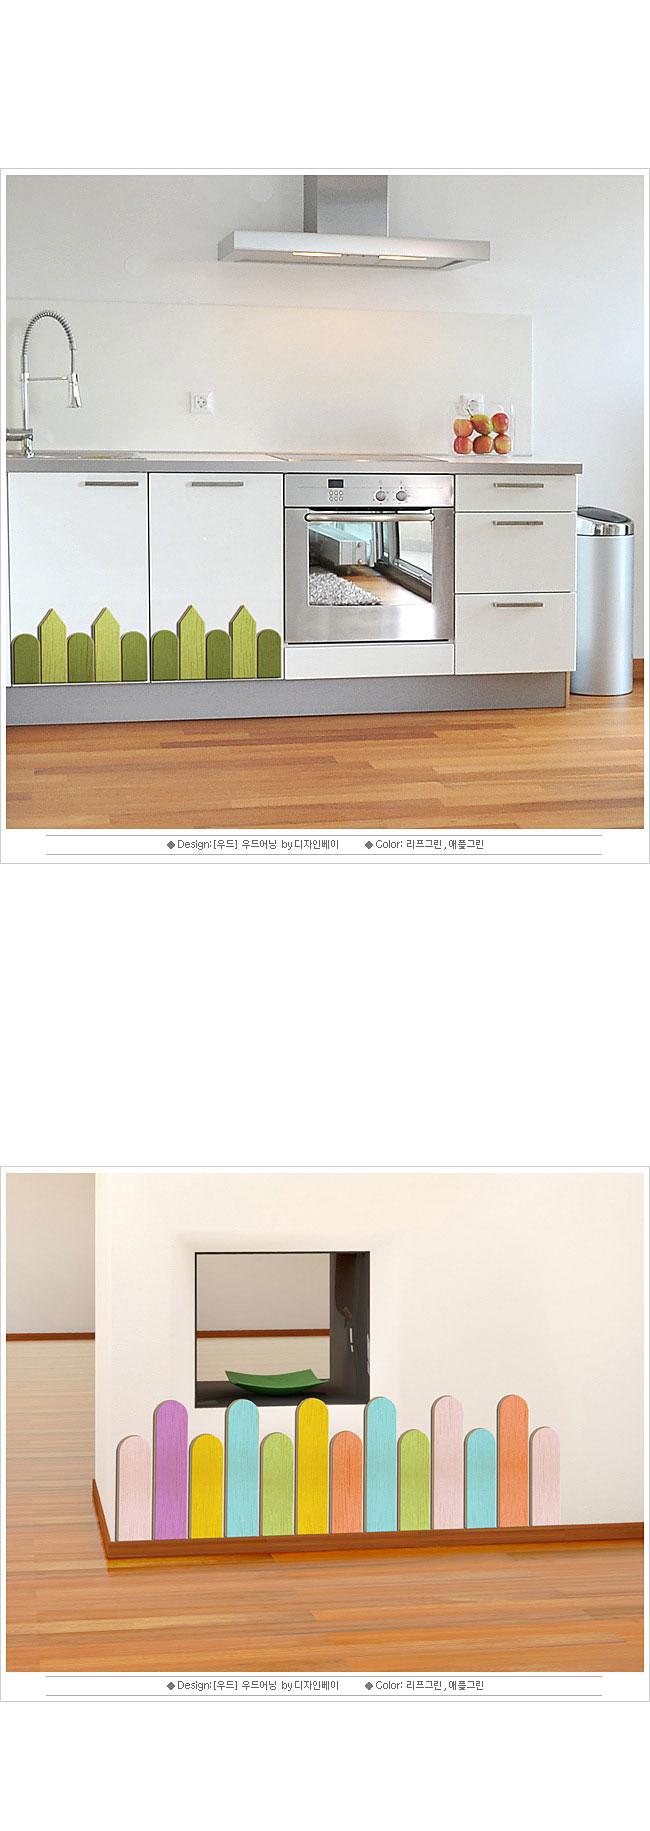 (우드스티커) 우드어닝 (컬러완제품) - 디자인베이, 1,000원, 월데코스티커, 기타데코